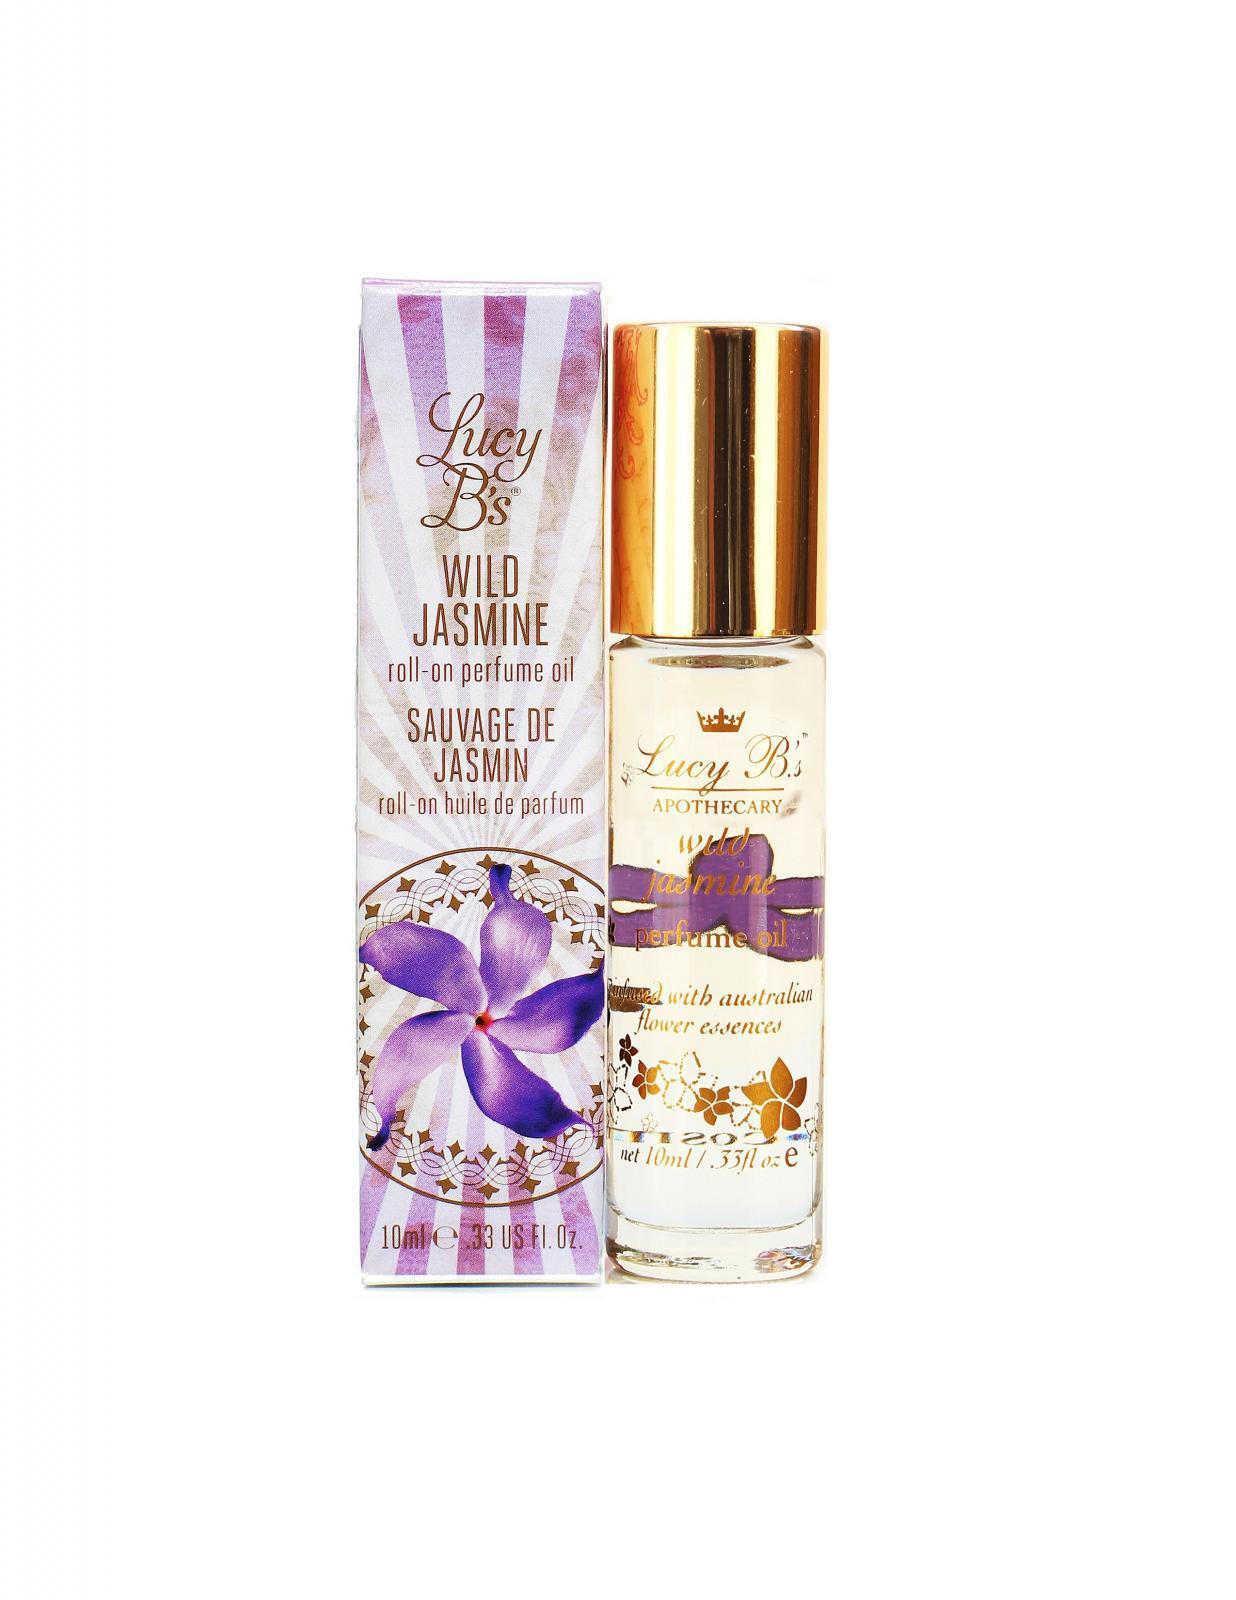 Wild Jasmine Roll-on Oil